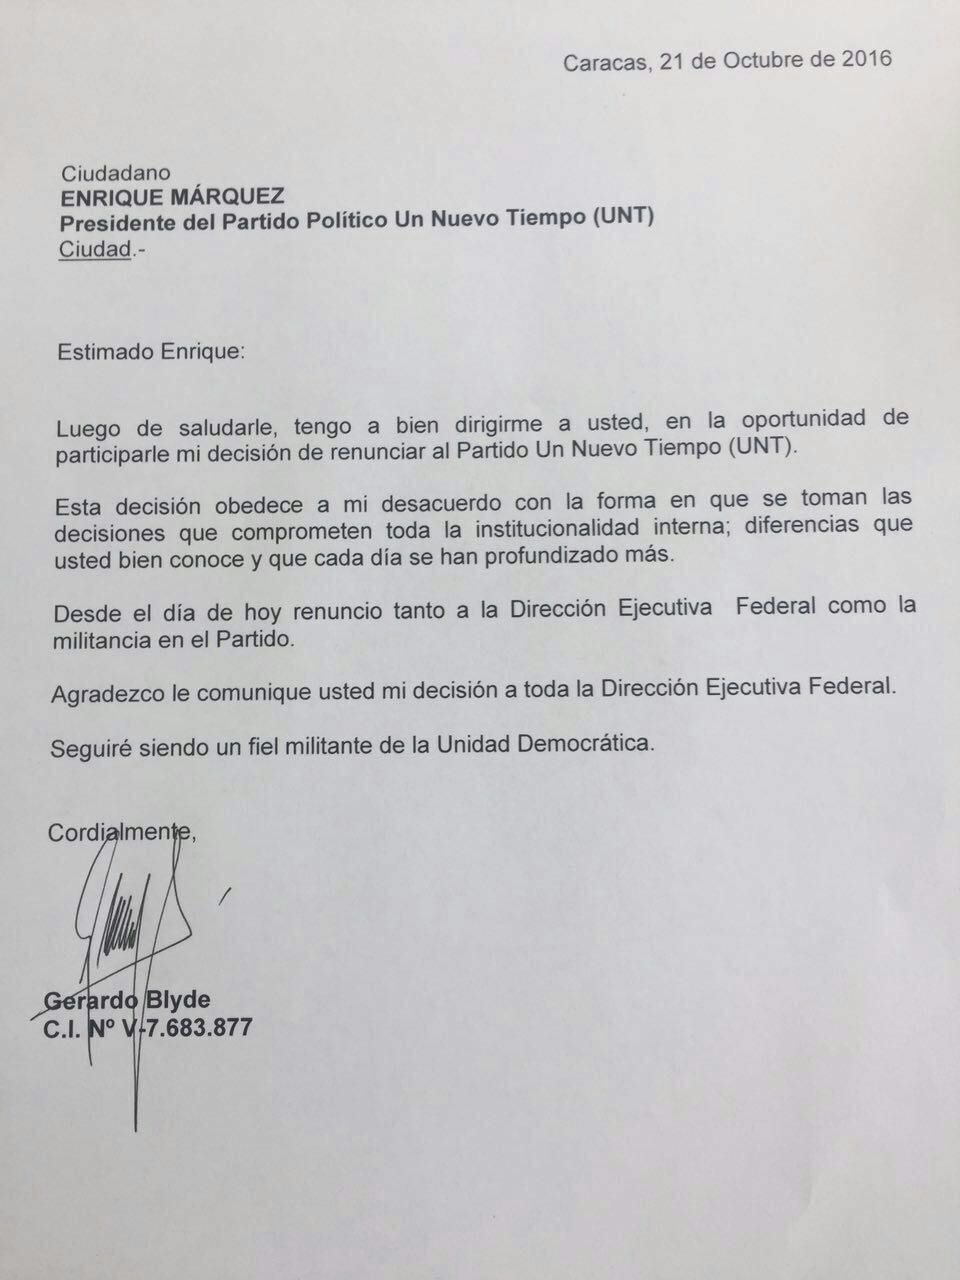 Bolivar - Noticias y  Generalidades 2016-10-21-PHOTO-00000976